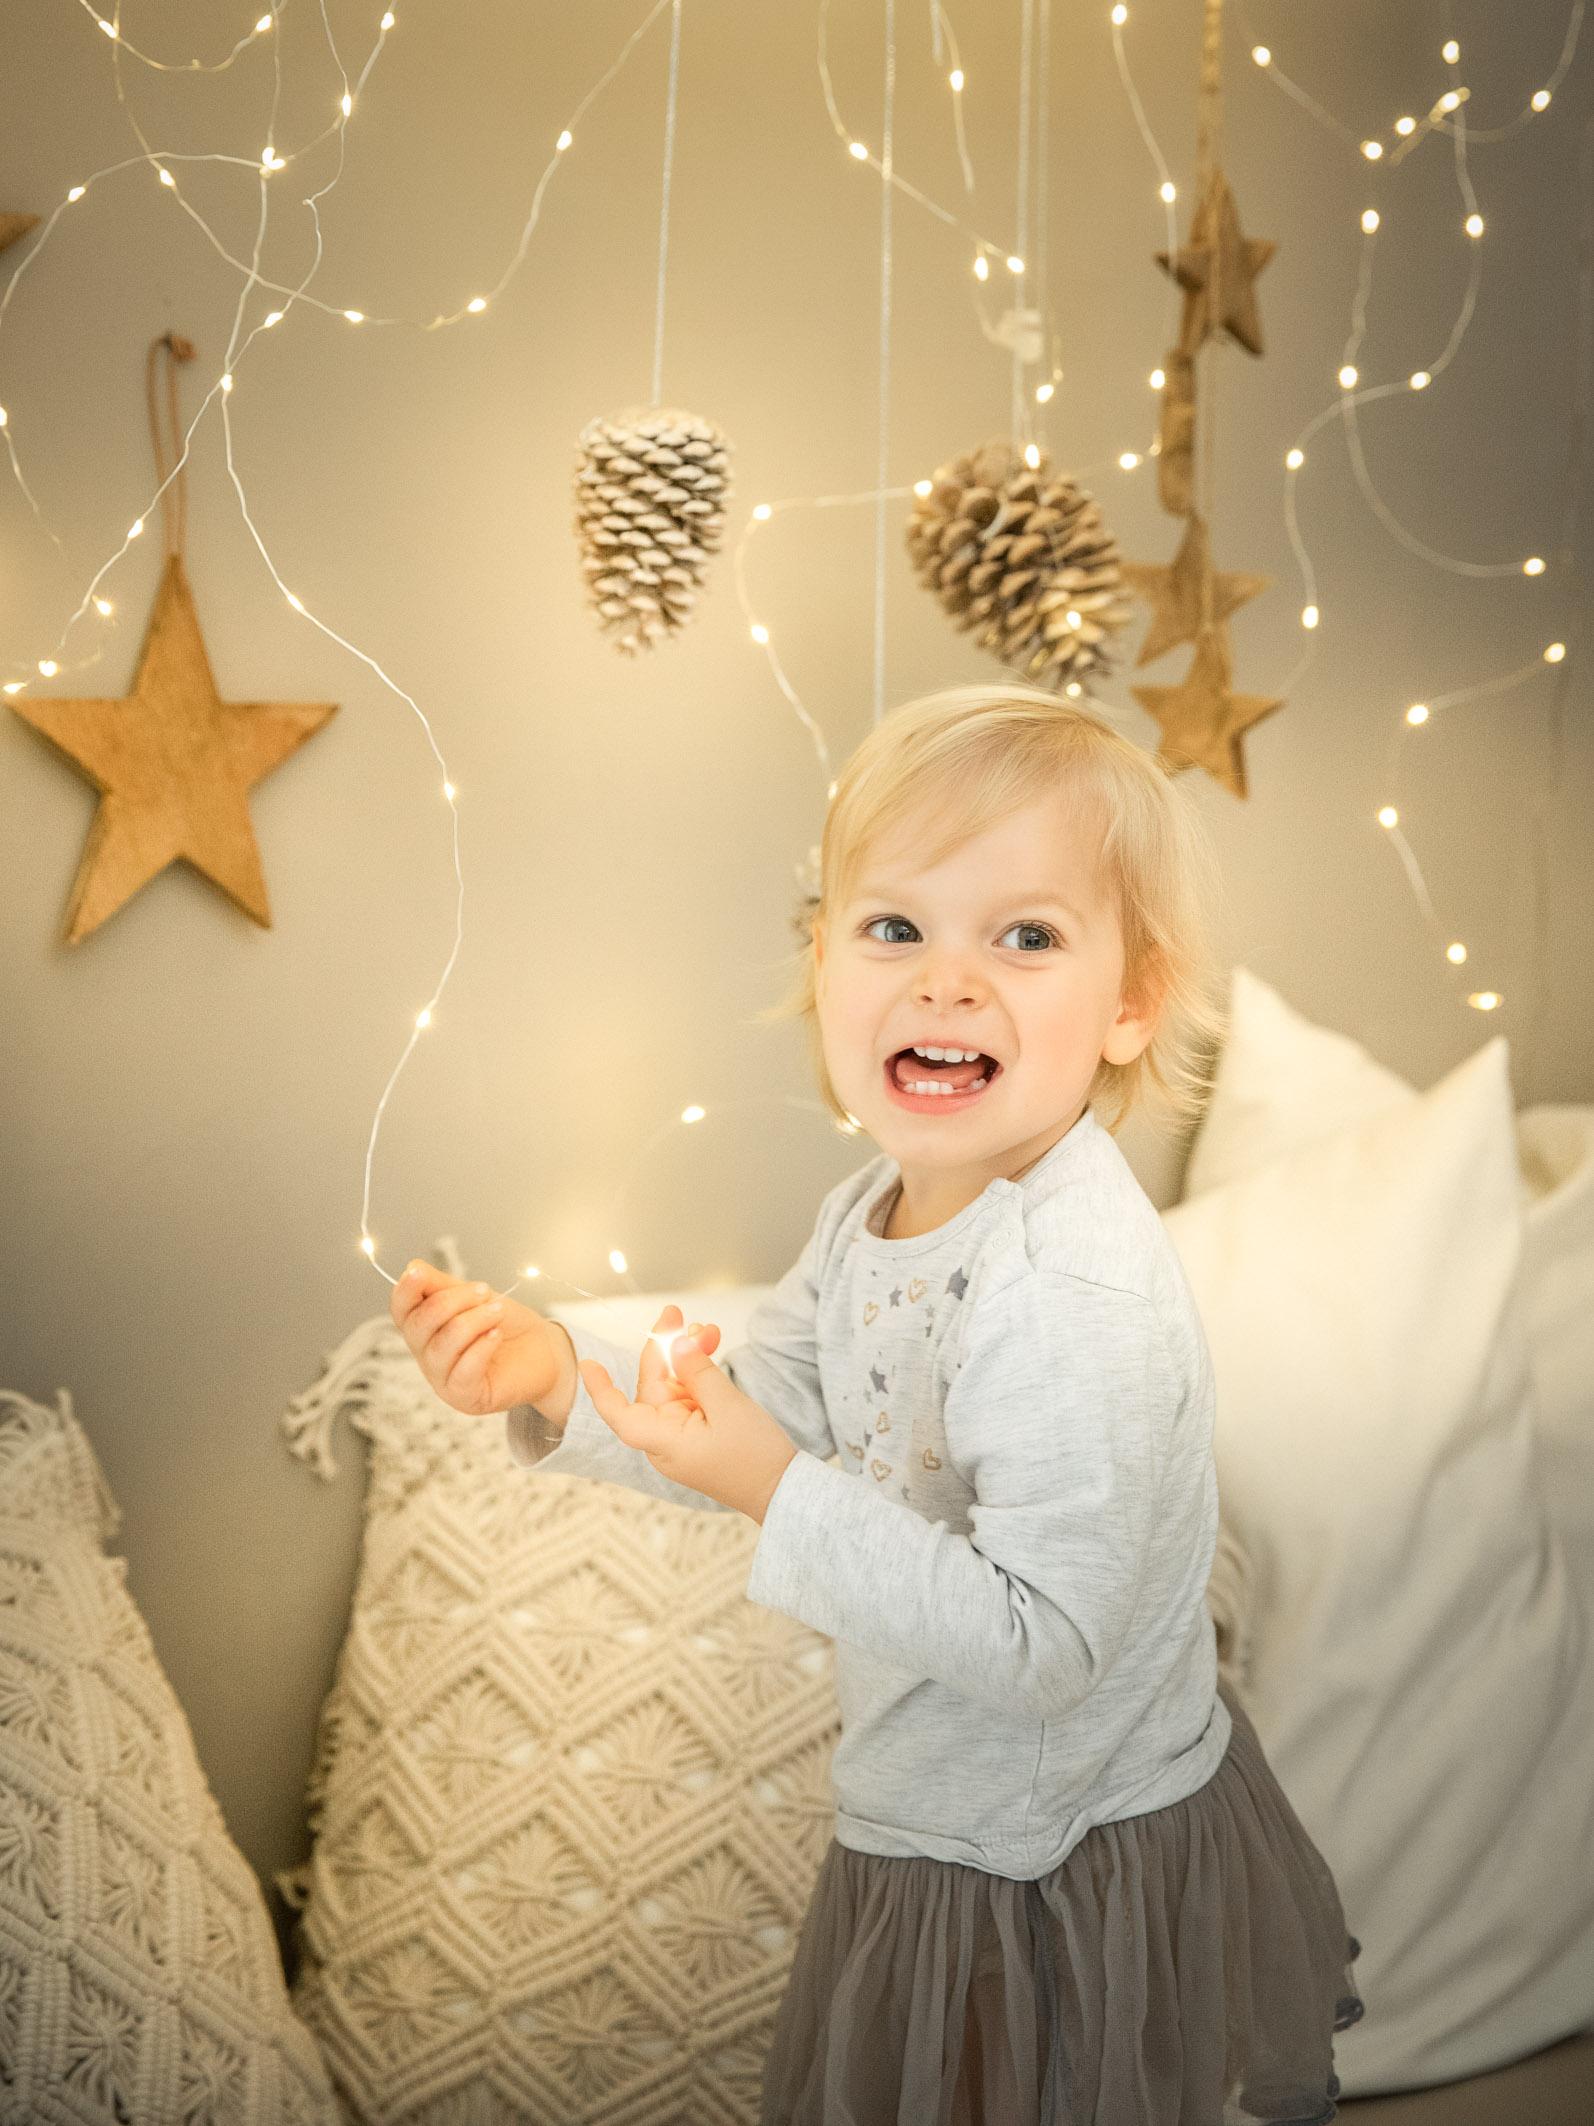 Weihnachtsgeschenk Weihnachtsmotiv 2020 Fotostudio LICHT/BLICK in Pegnitz